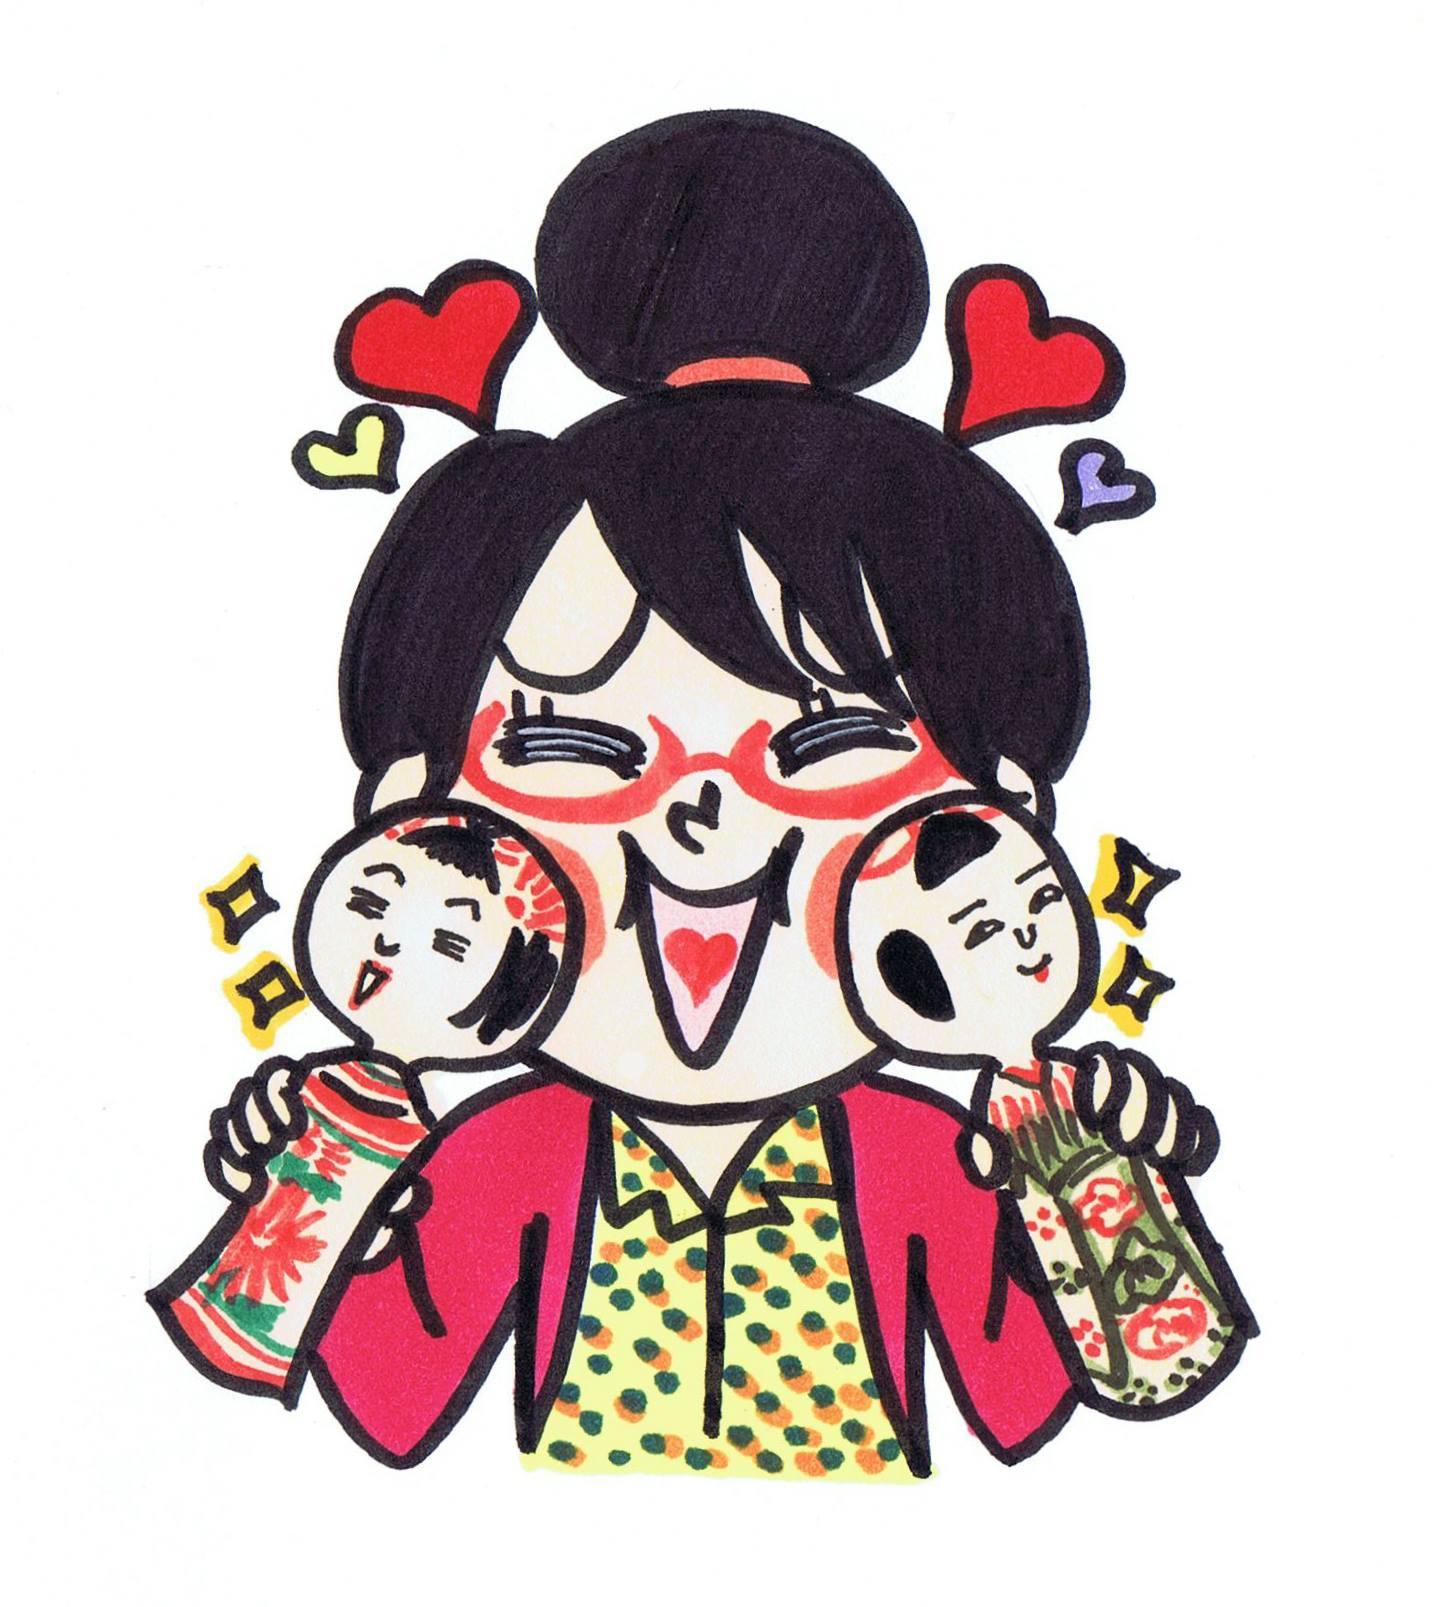 MYFIRST KOKESHI!~はじめての伝統こけし~ in 高円寺フェス2018 津軽こけし館持ち込み商品のお知らせ!_e0318040_8325139.jpg